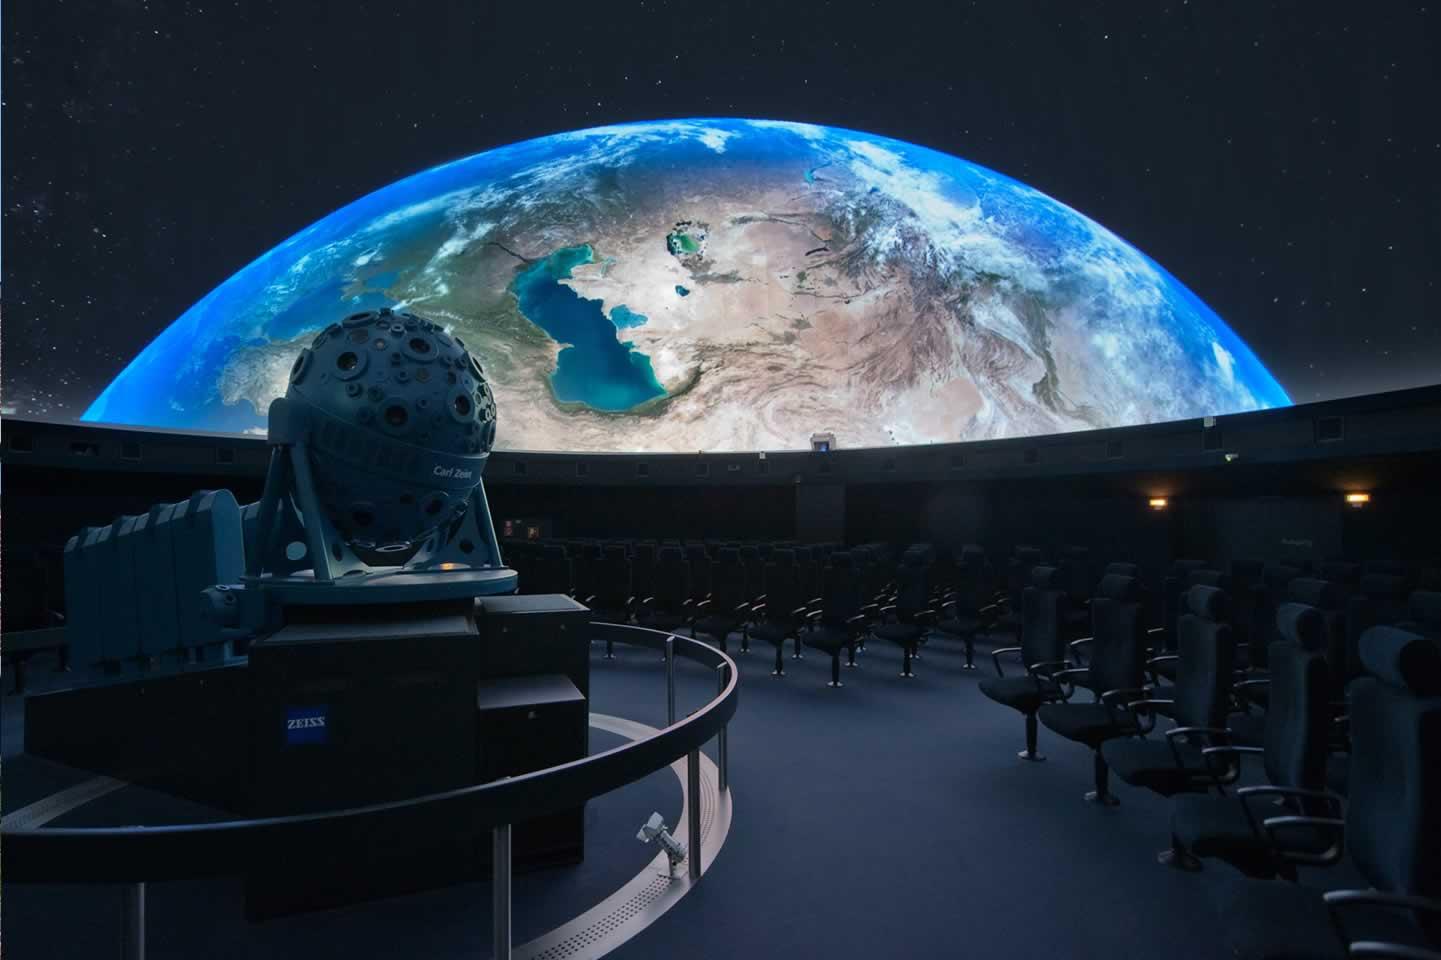 Космический туризм: путевка до Луны и обратно